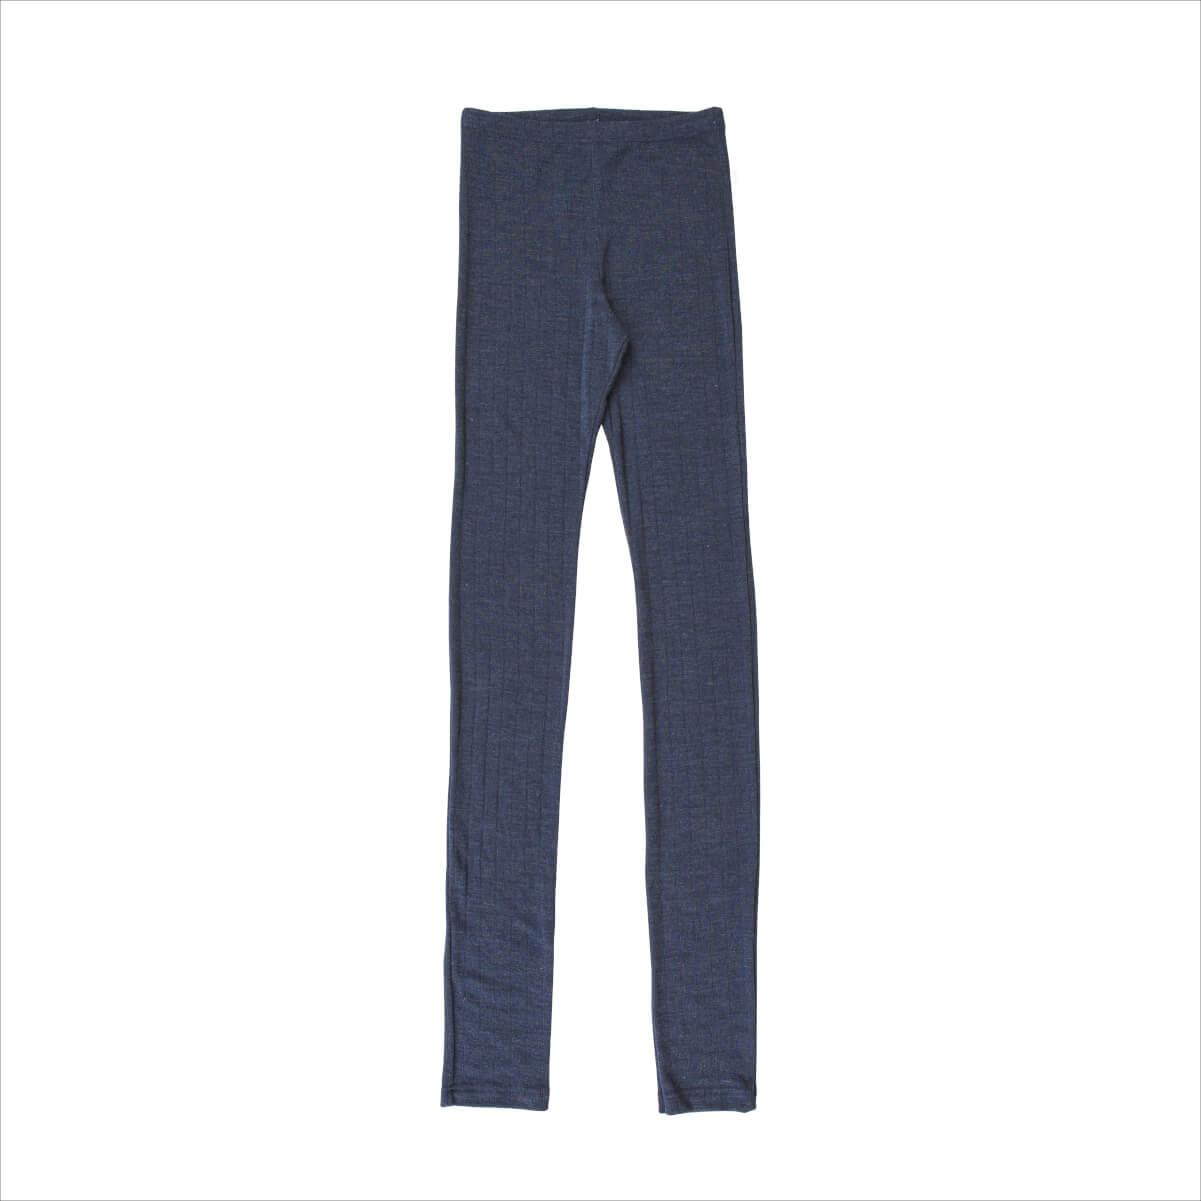 Joha uld silke leggings blå